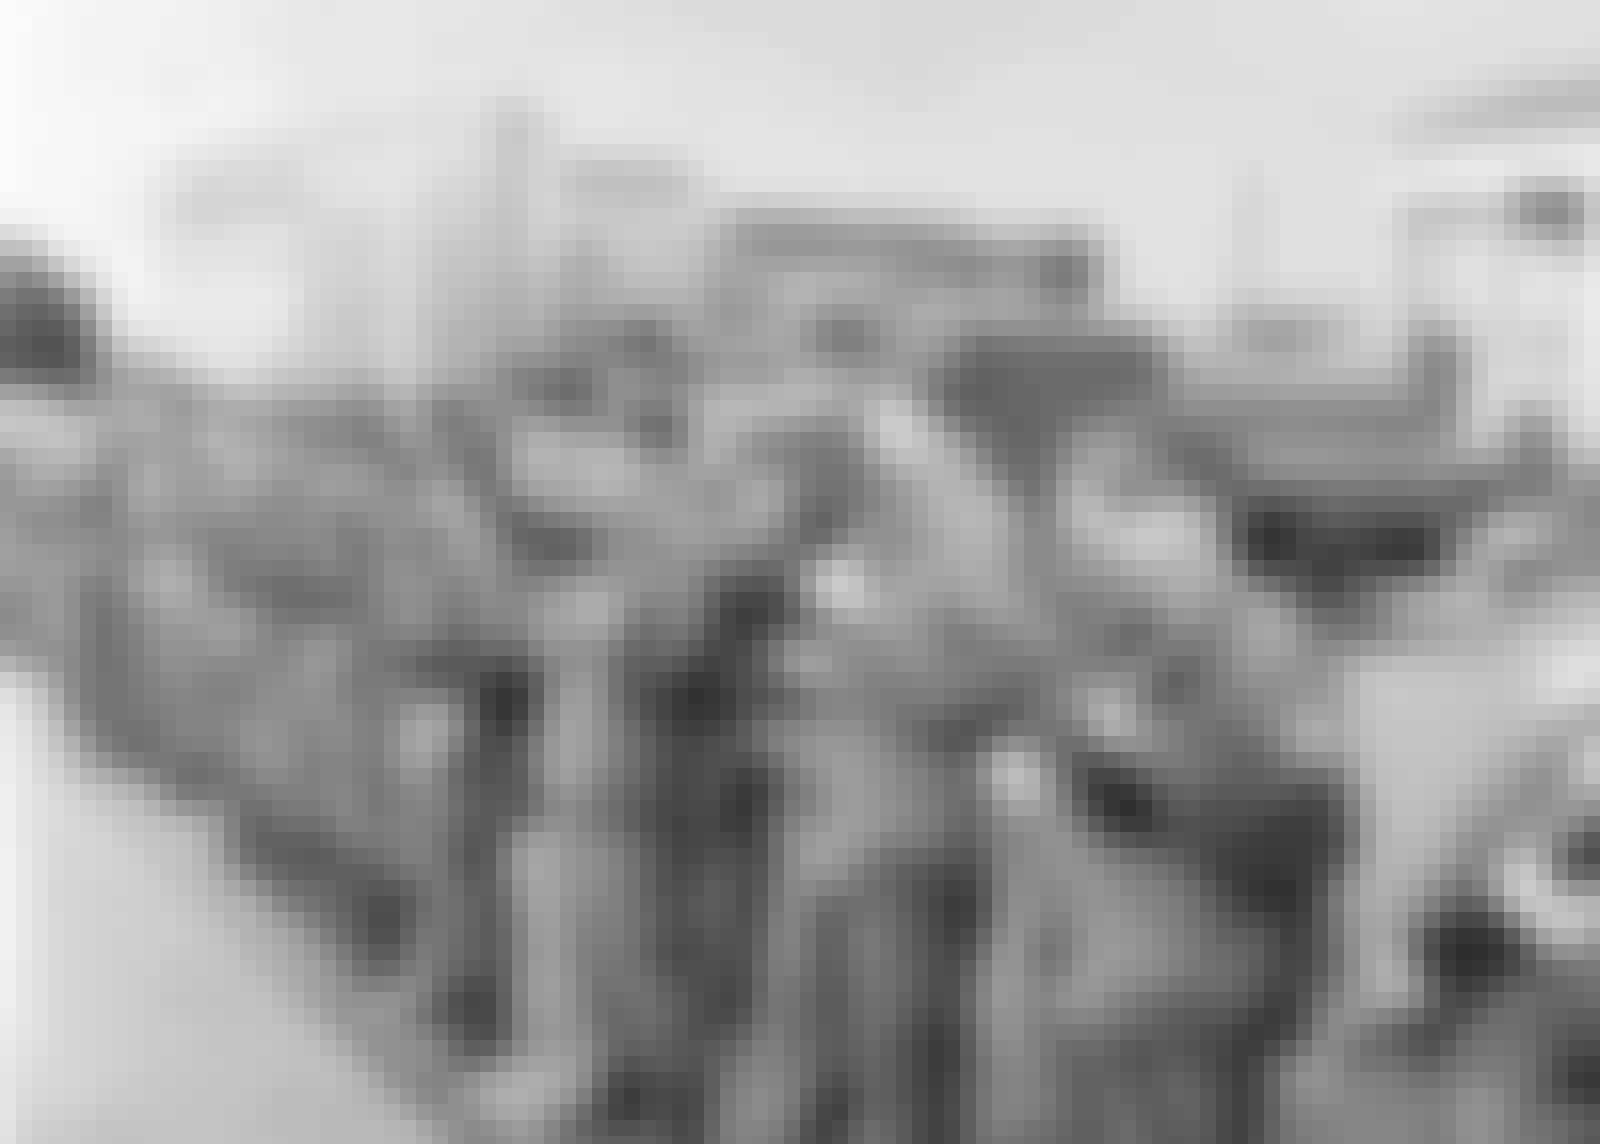 Östtyska soldater 1961 fungerar som Berlinmur